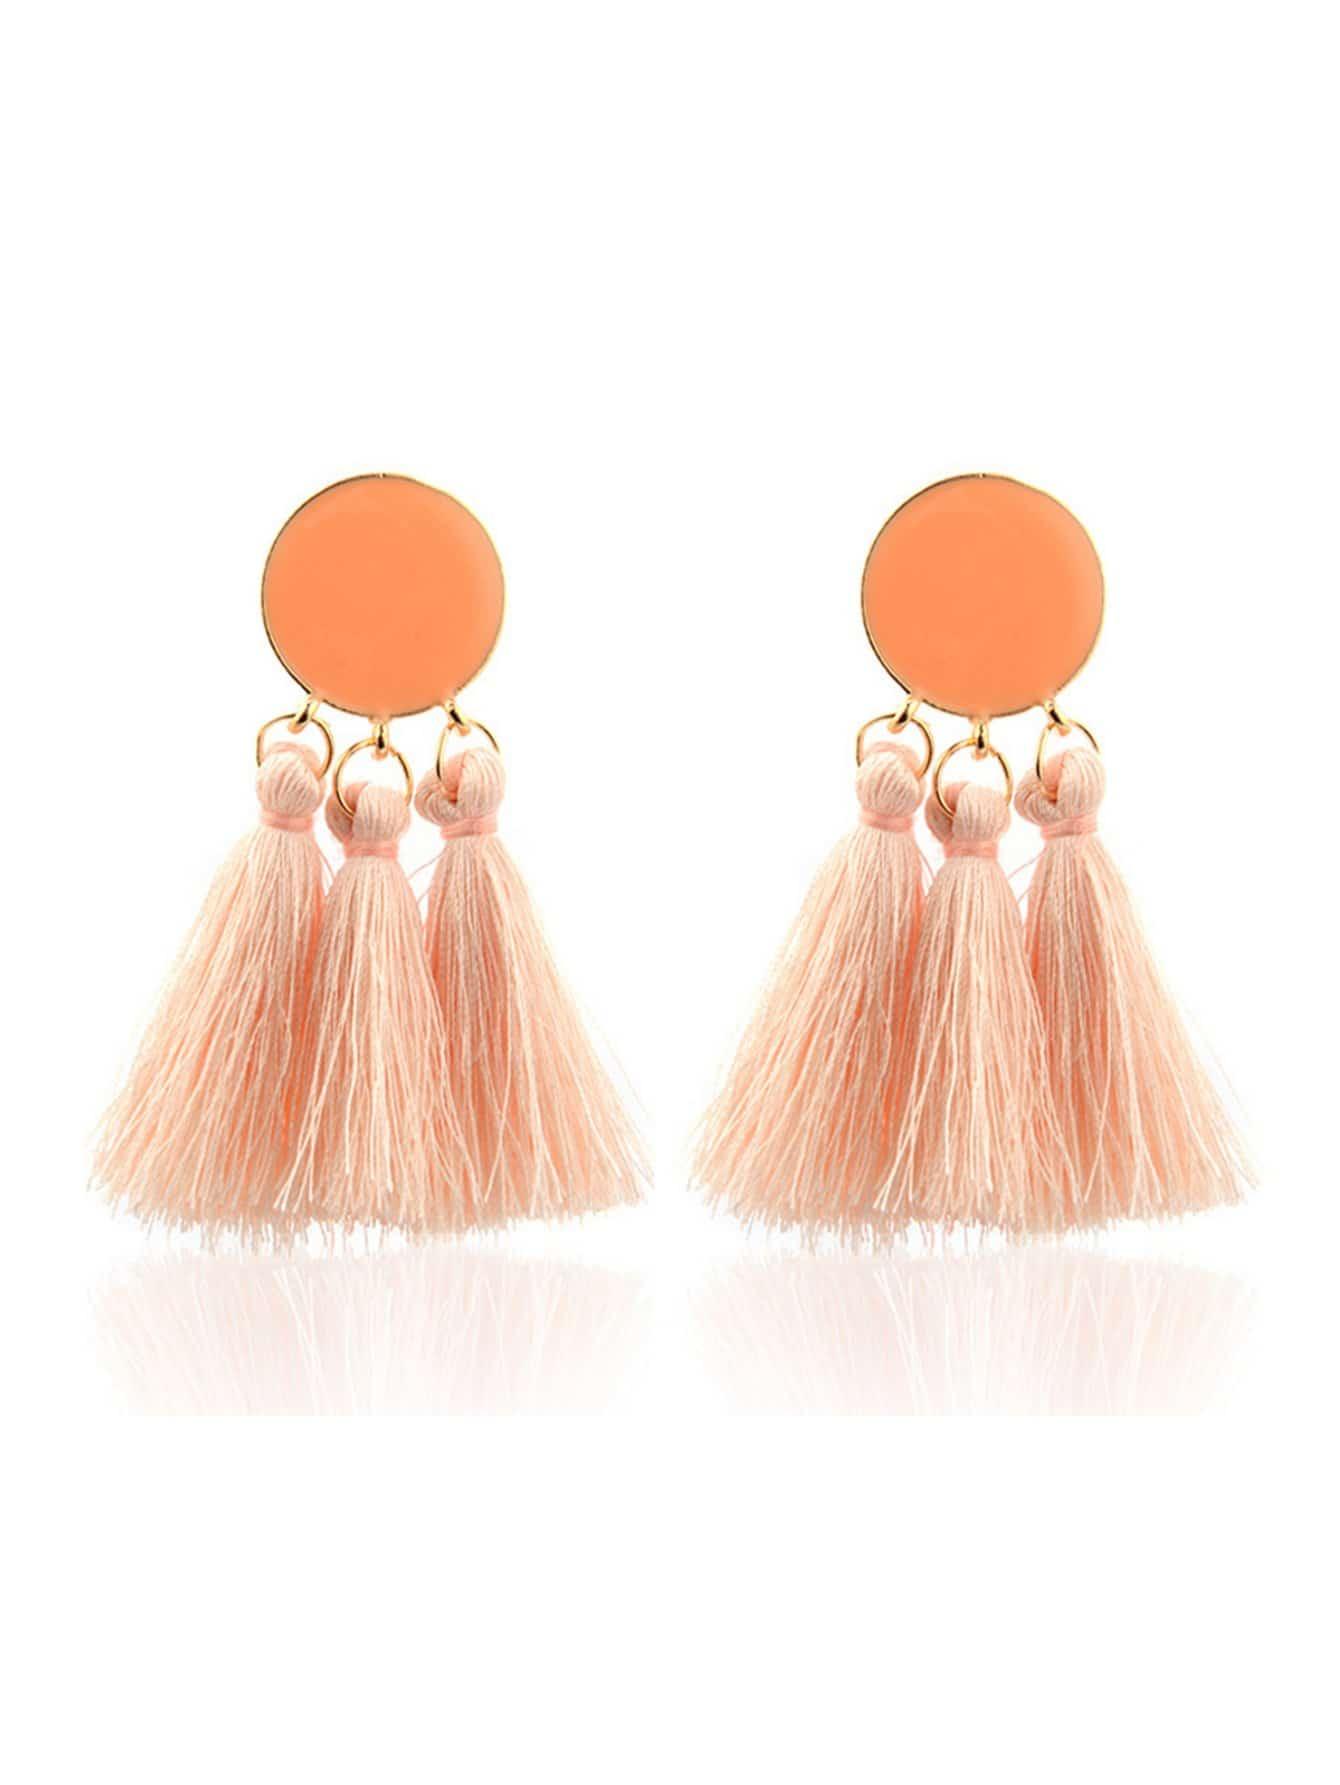 Tassel Dangle Earrings statement rhinestone tassel dangle earrings